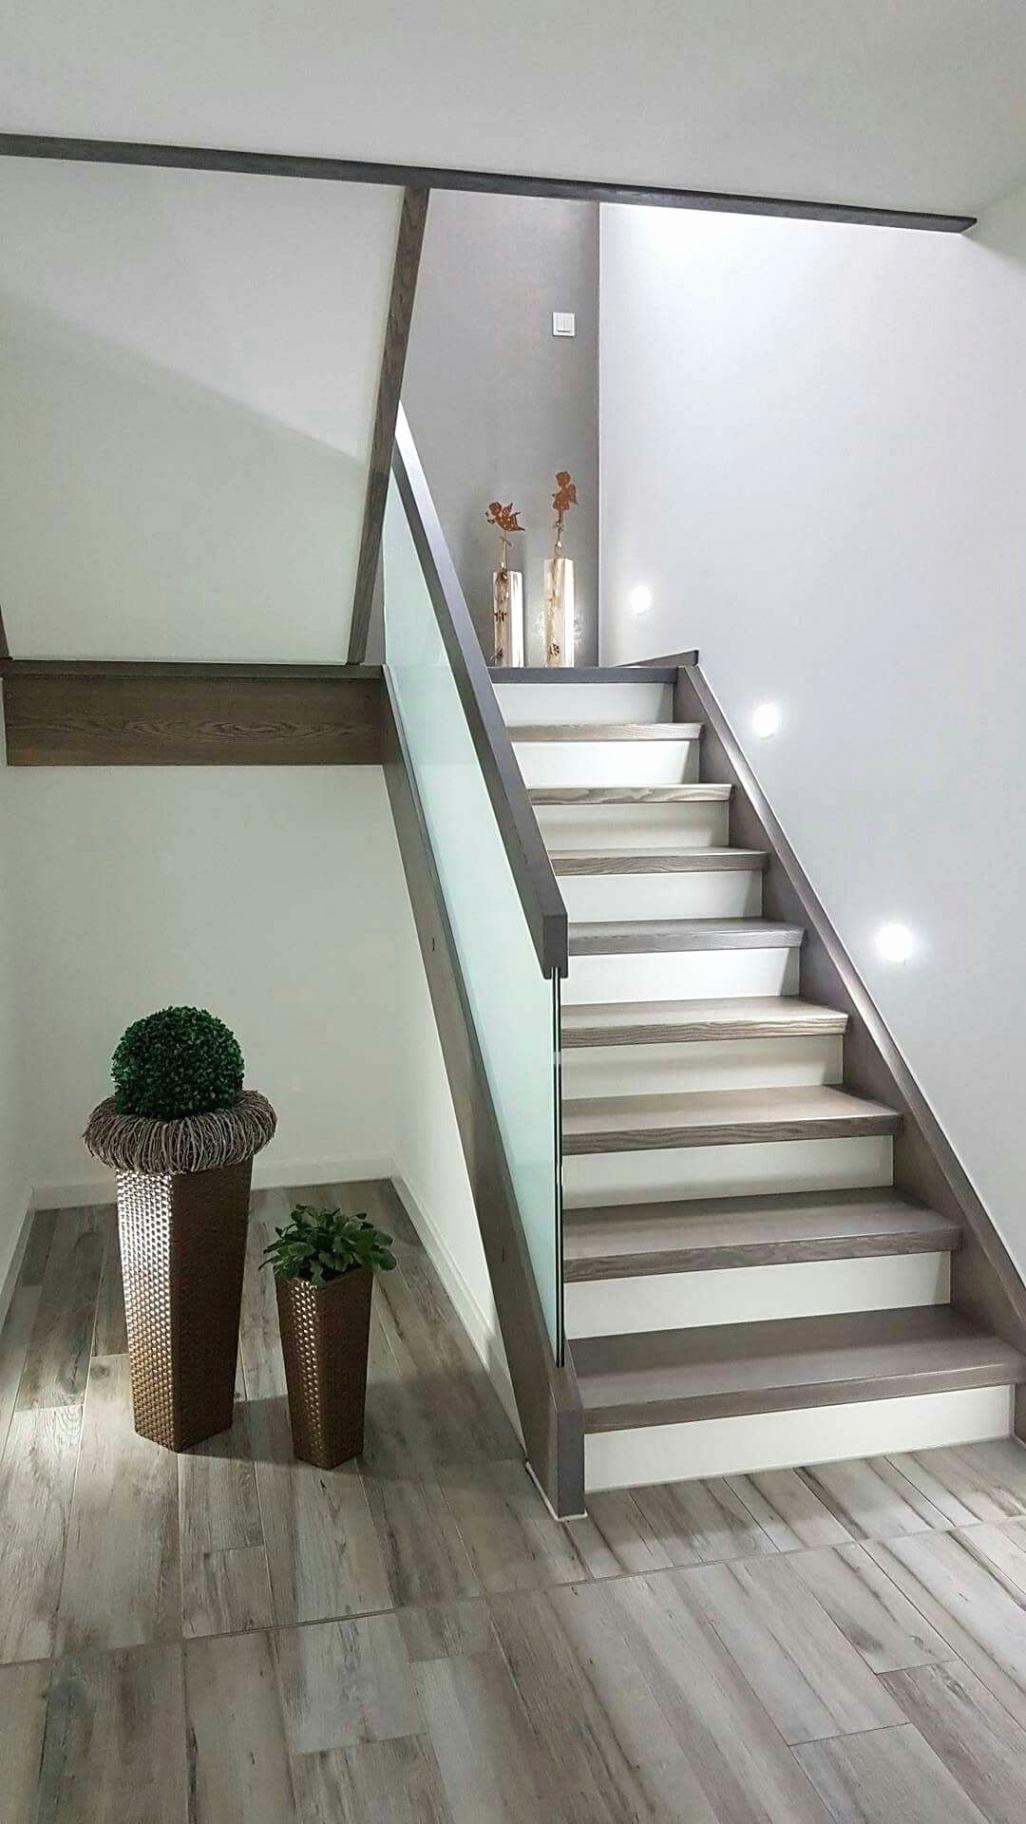 40 neu deko ideen unter treppe schrank unter treppe selber bauen schrank unter treppe selber bauen